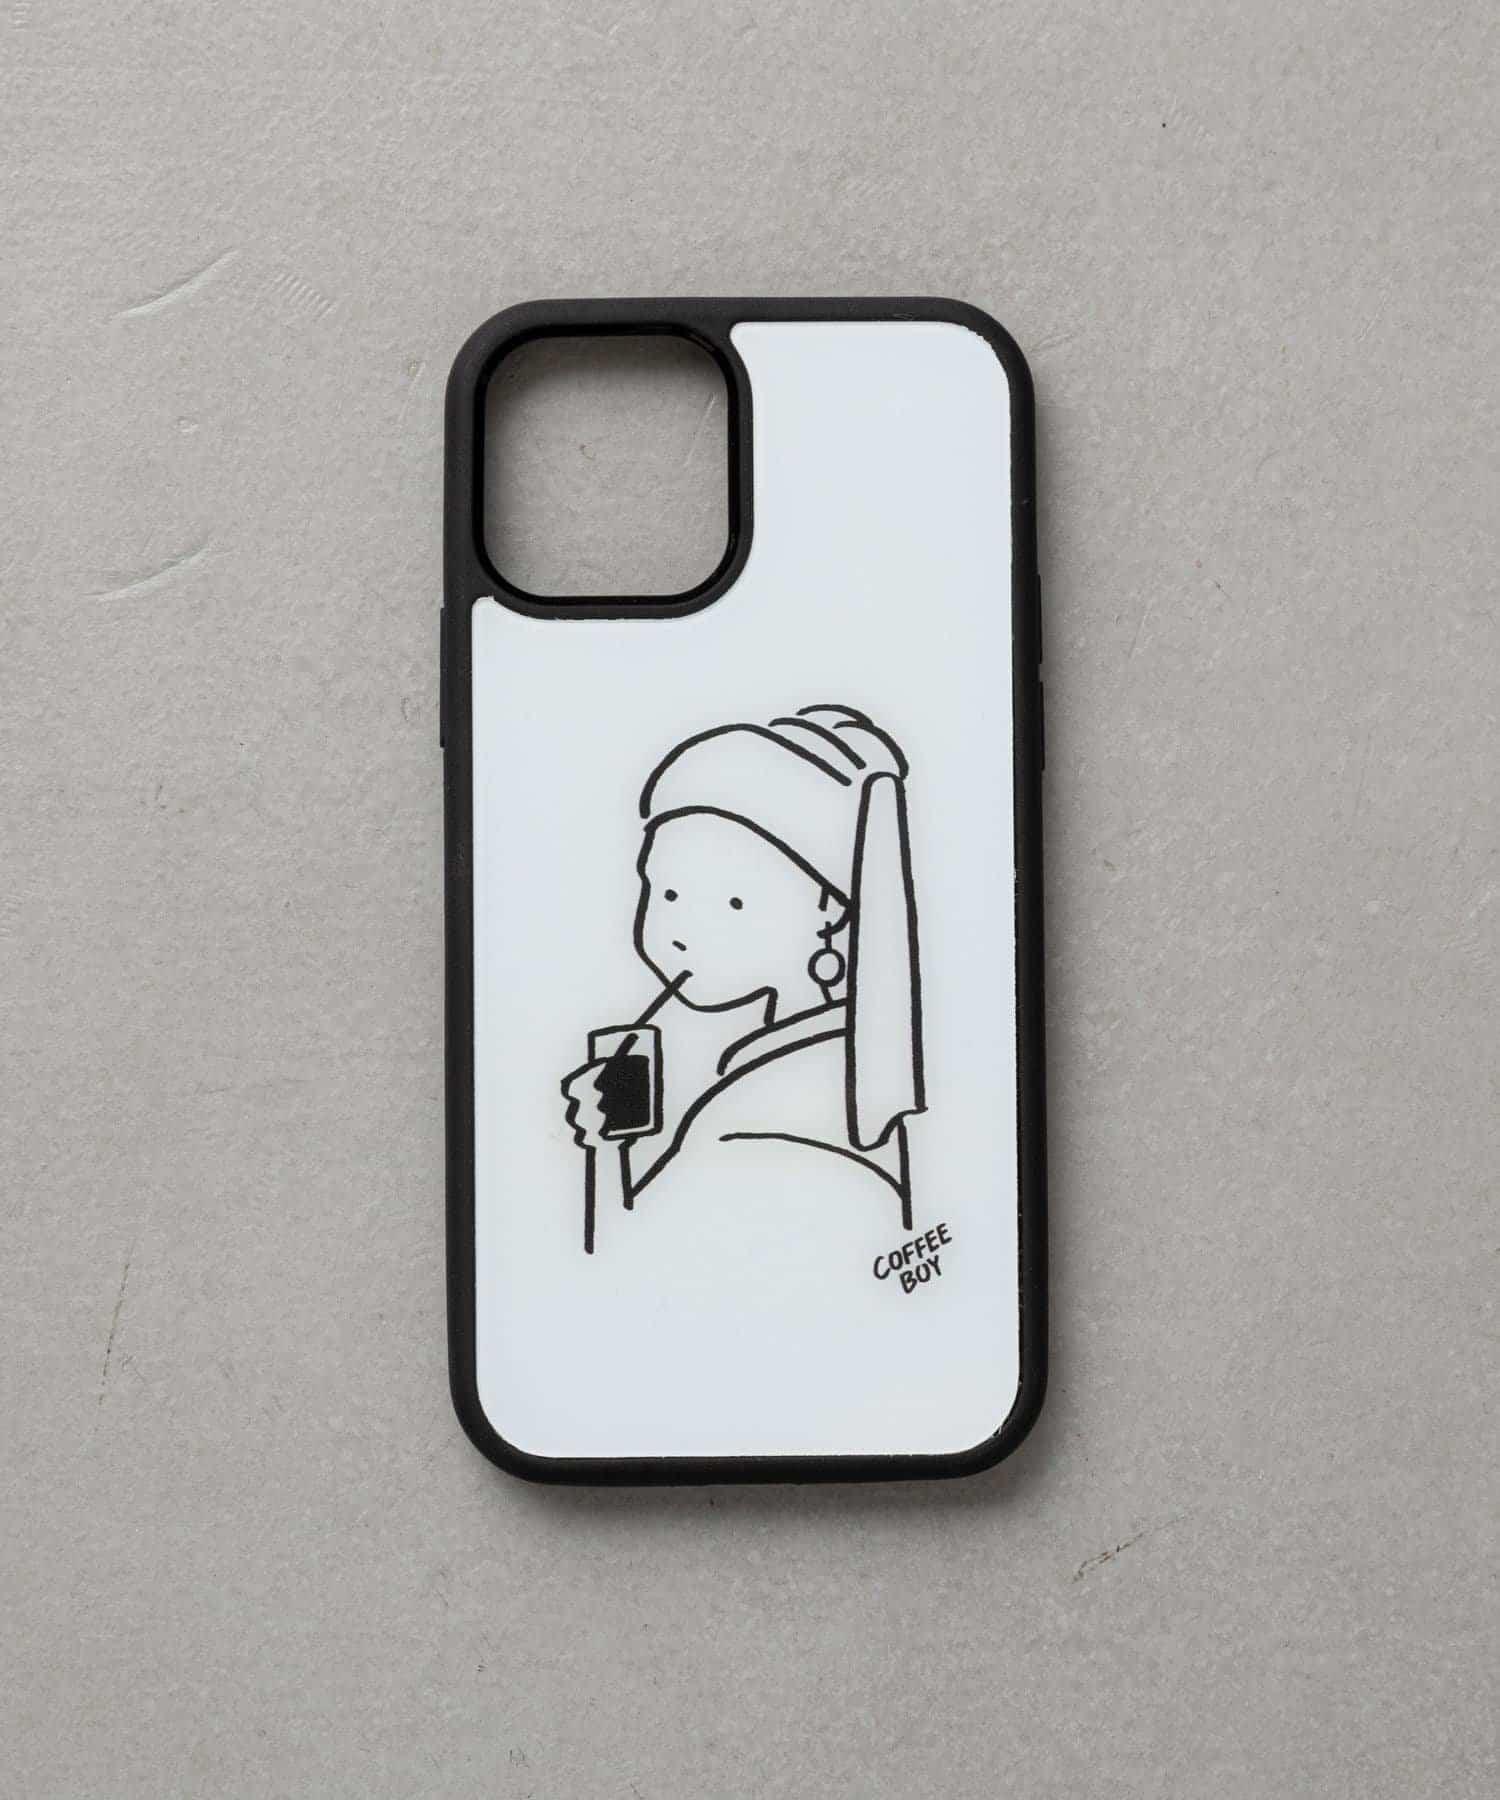 BIRTHDAY BAR(バースデイバー) レディース 【受注予約】COFFEE BOY iPhoneケース その他7